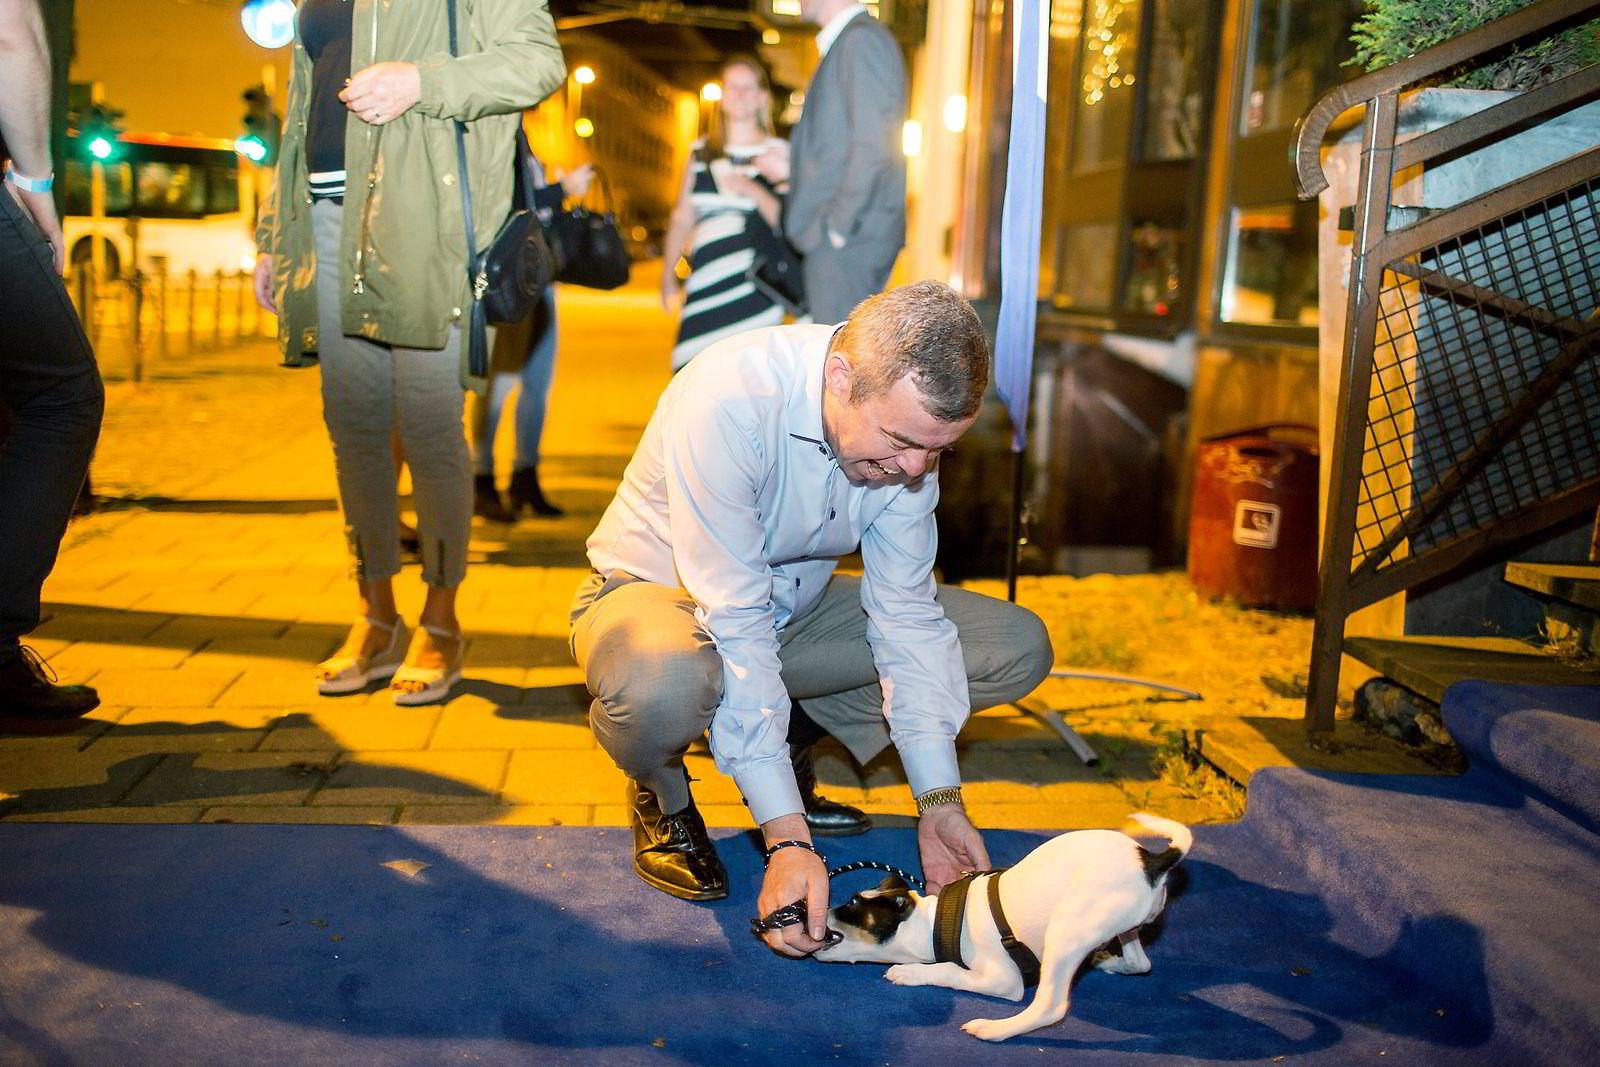 Den henger litt med hodet i kveld, sier Henning Warloe om hunden sin, som er med på Høyres valgvake i Bergen.